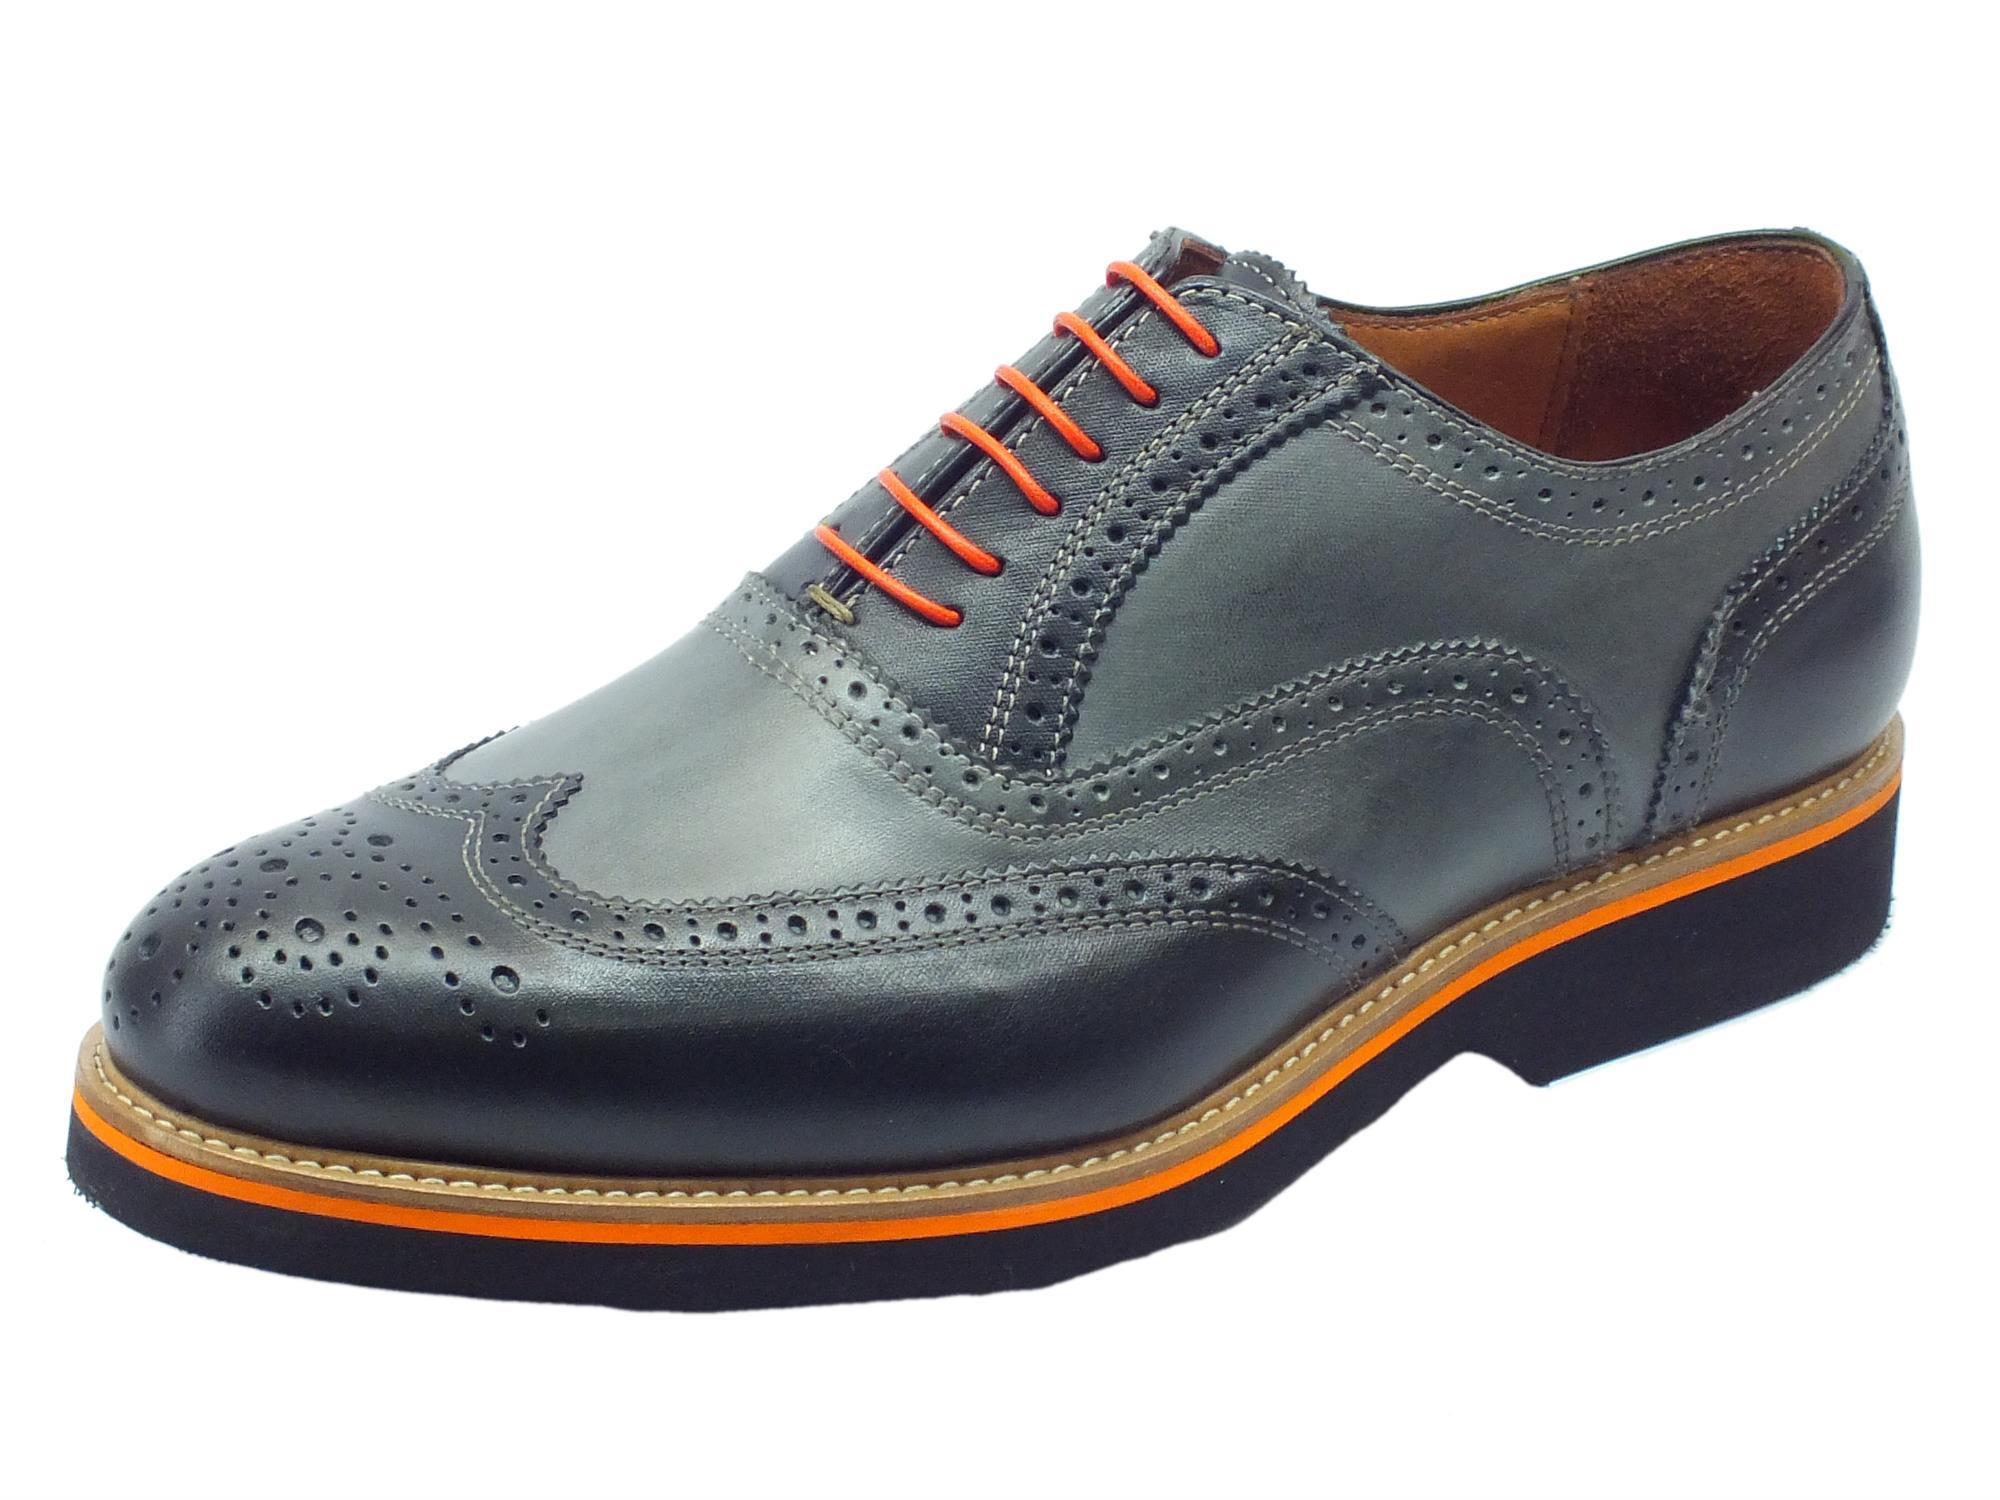 SCARPE UOMO Le scarpe uomo Geox si distinguono per un irresistibile fascino casual: colori grintosi e design contemporaneo rompono gli schemi dello stile formale, donando ai piedi un'eleganza fresca e disinvolta. Adatta ad essere indossata in ogni occasione.